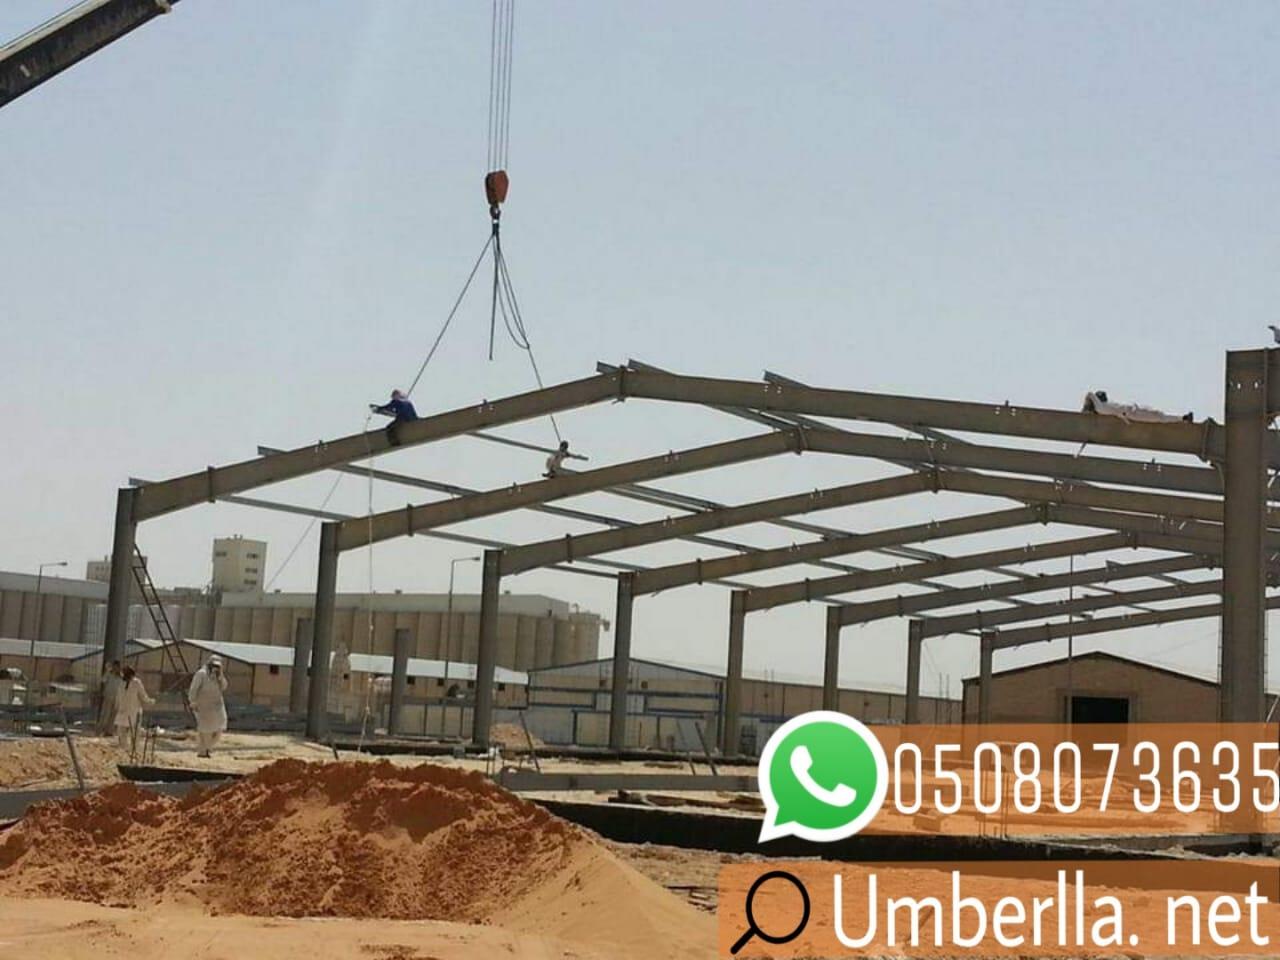 بناء هناجر , 0508073635 , , مشاريع مستودعات و هناجر , مقاول هناجر الرياض  , P_1631tblgw1